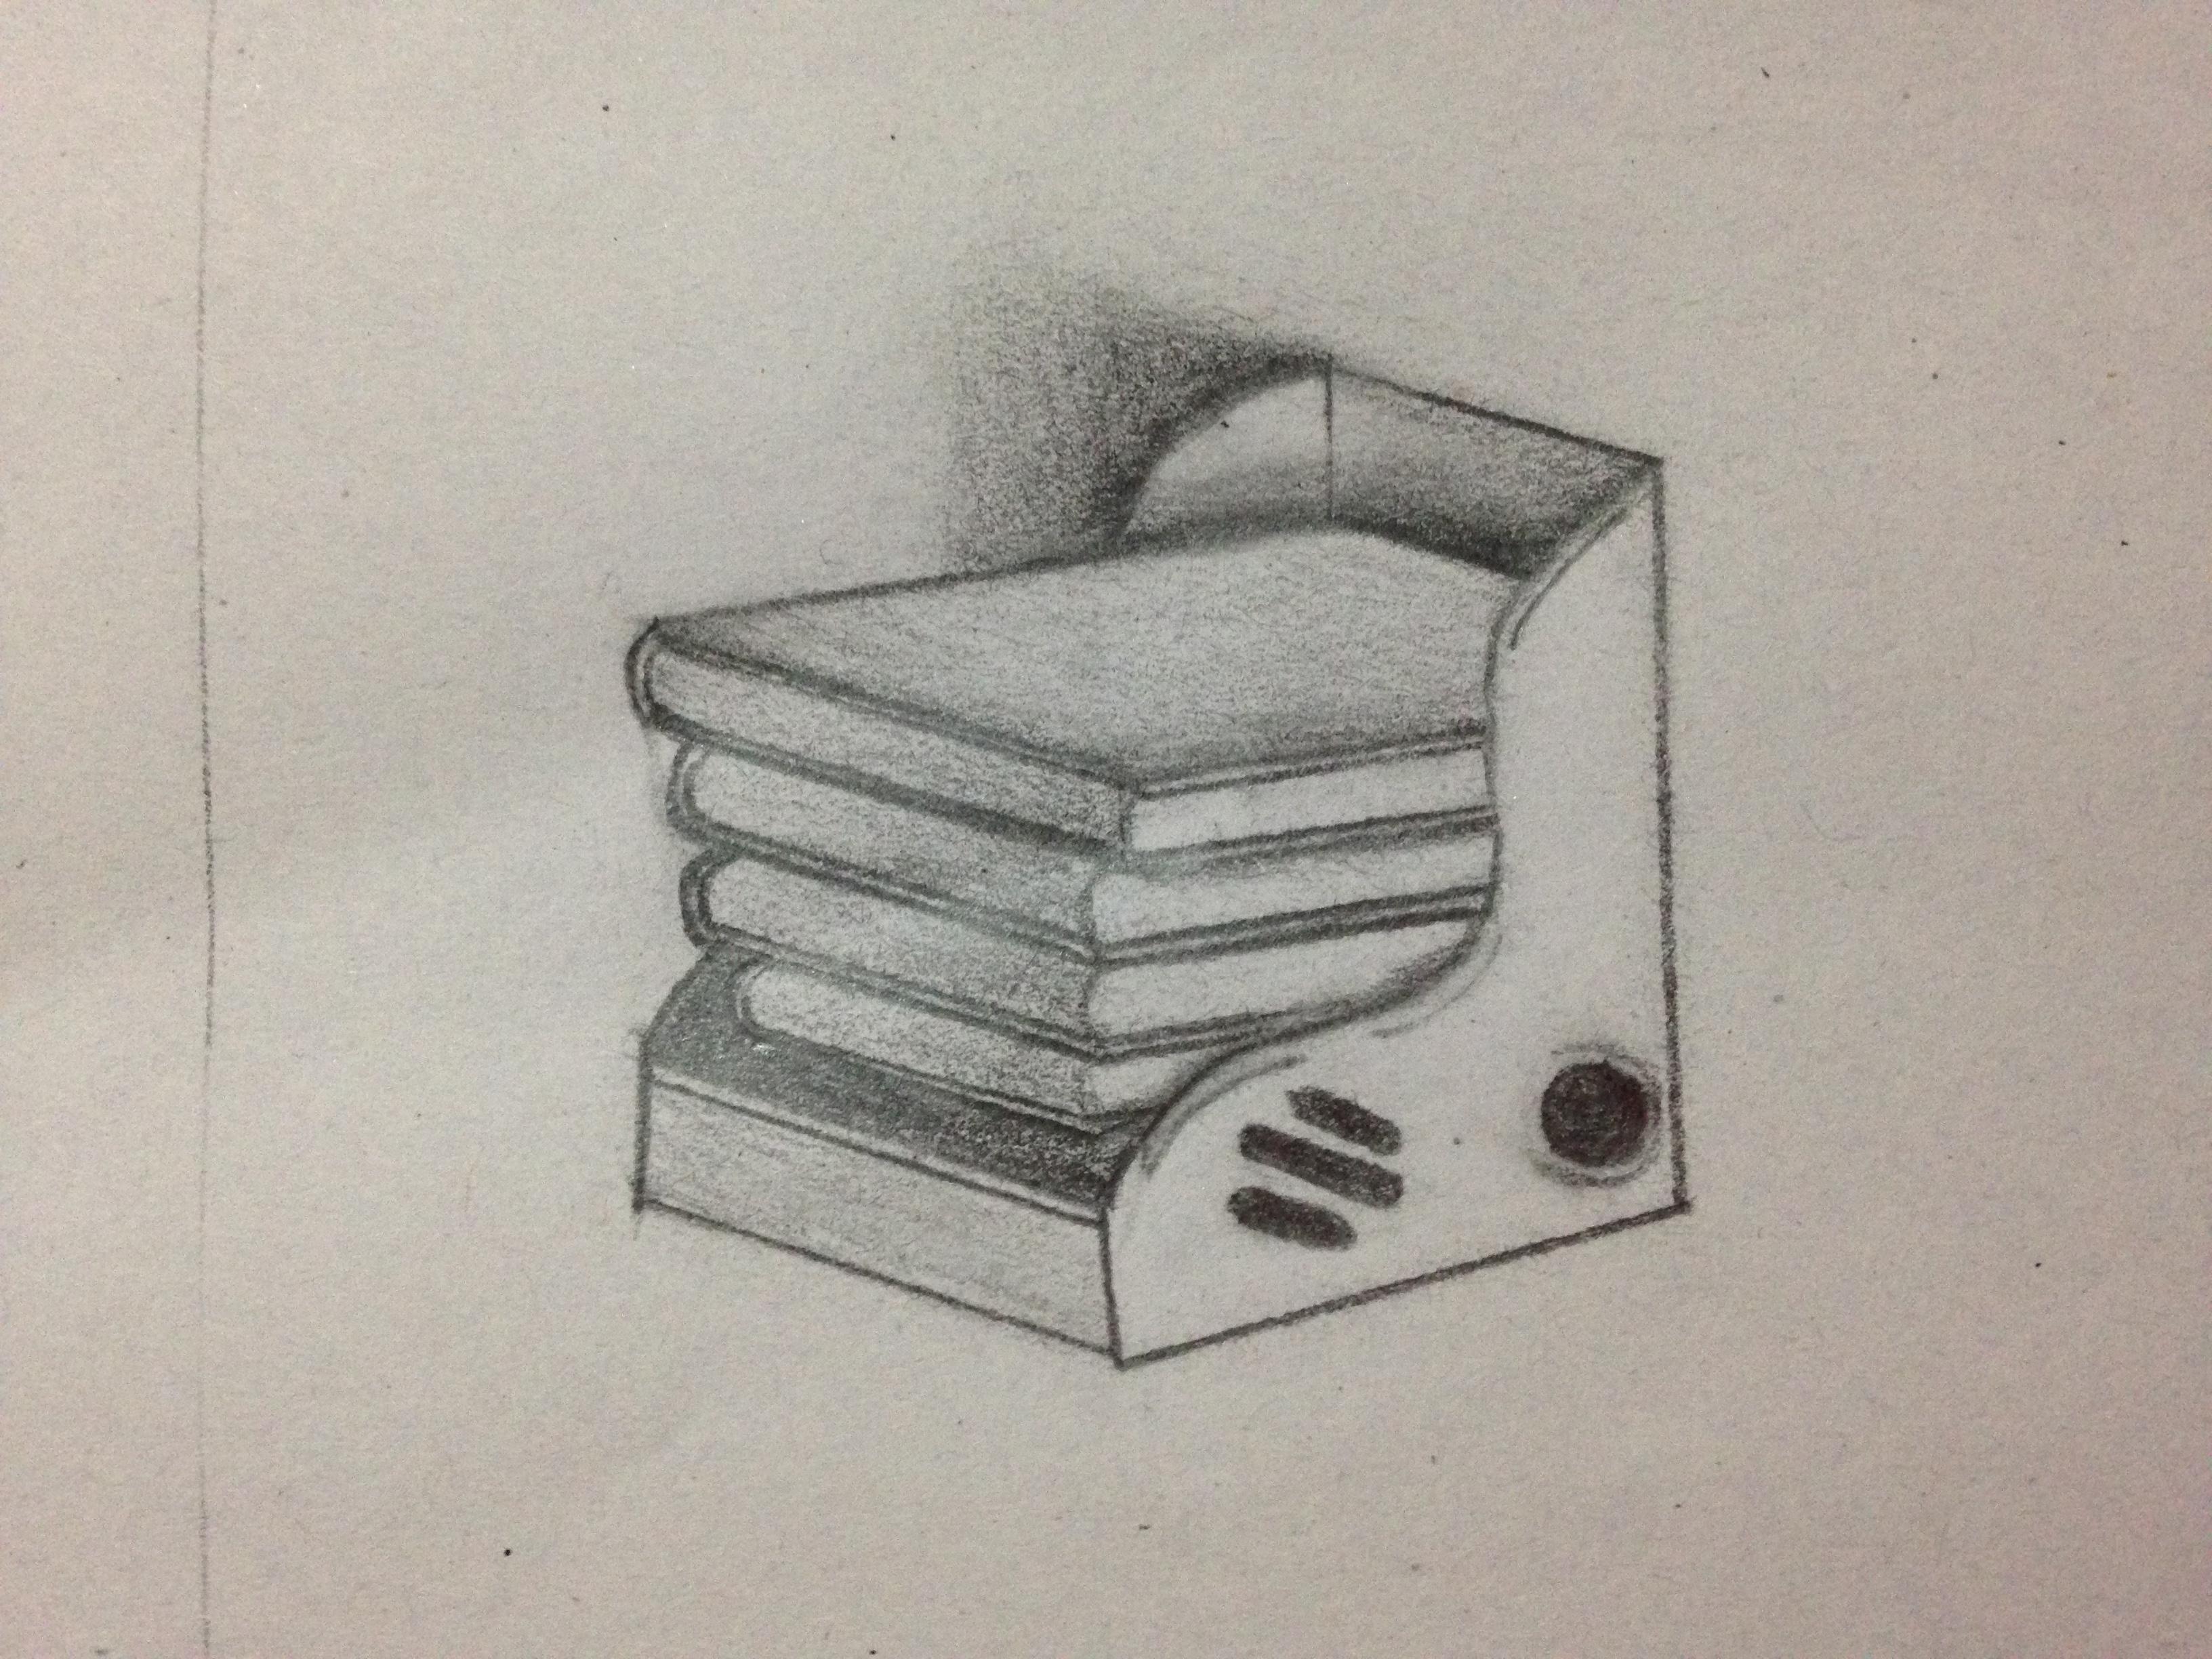 书架|纯艺术|素描|新小月 - 原创作品 - 站酷 (zcool)